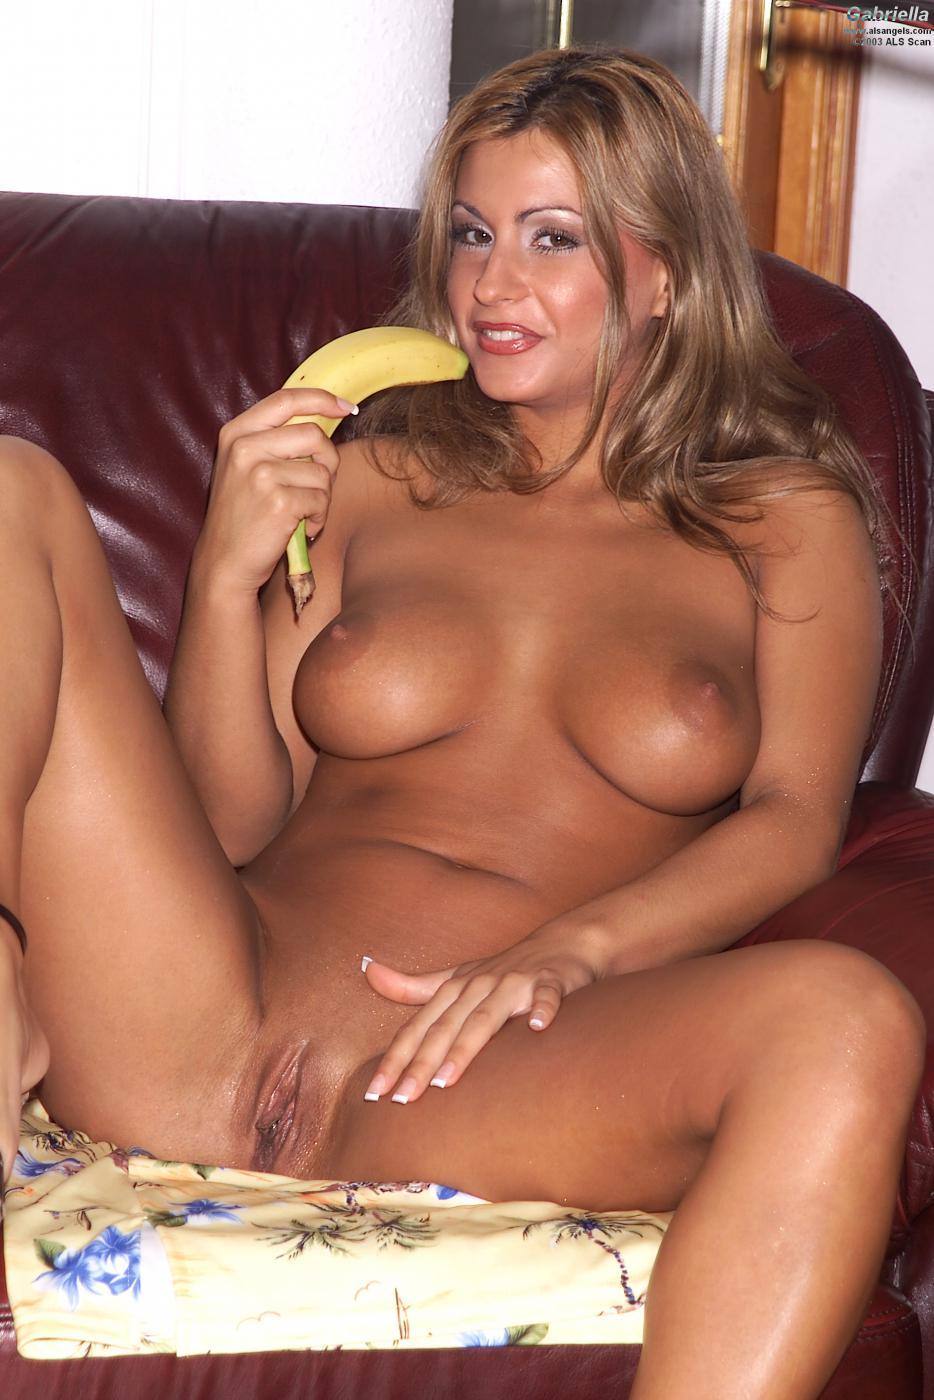 Божественная развратная штучка с массивными кувшинами Dorothy Black берет банан и засовывает его в свои буфера